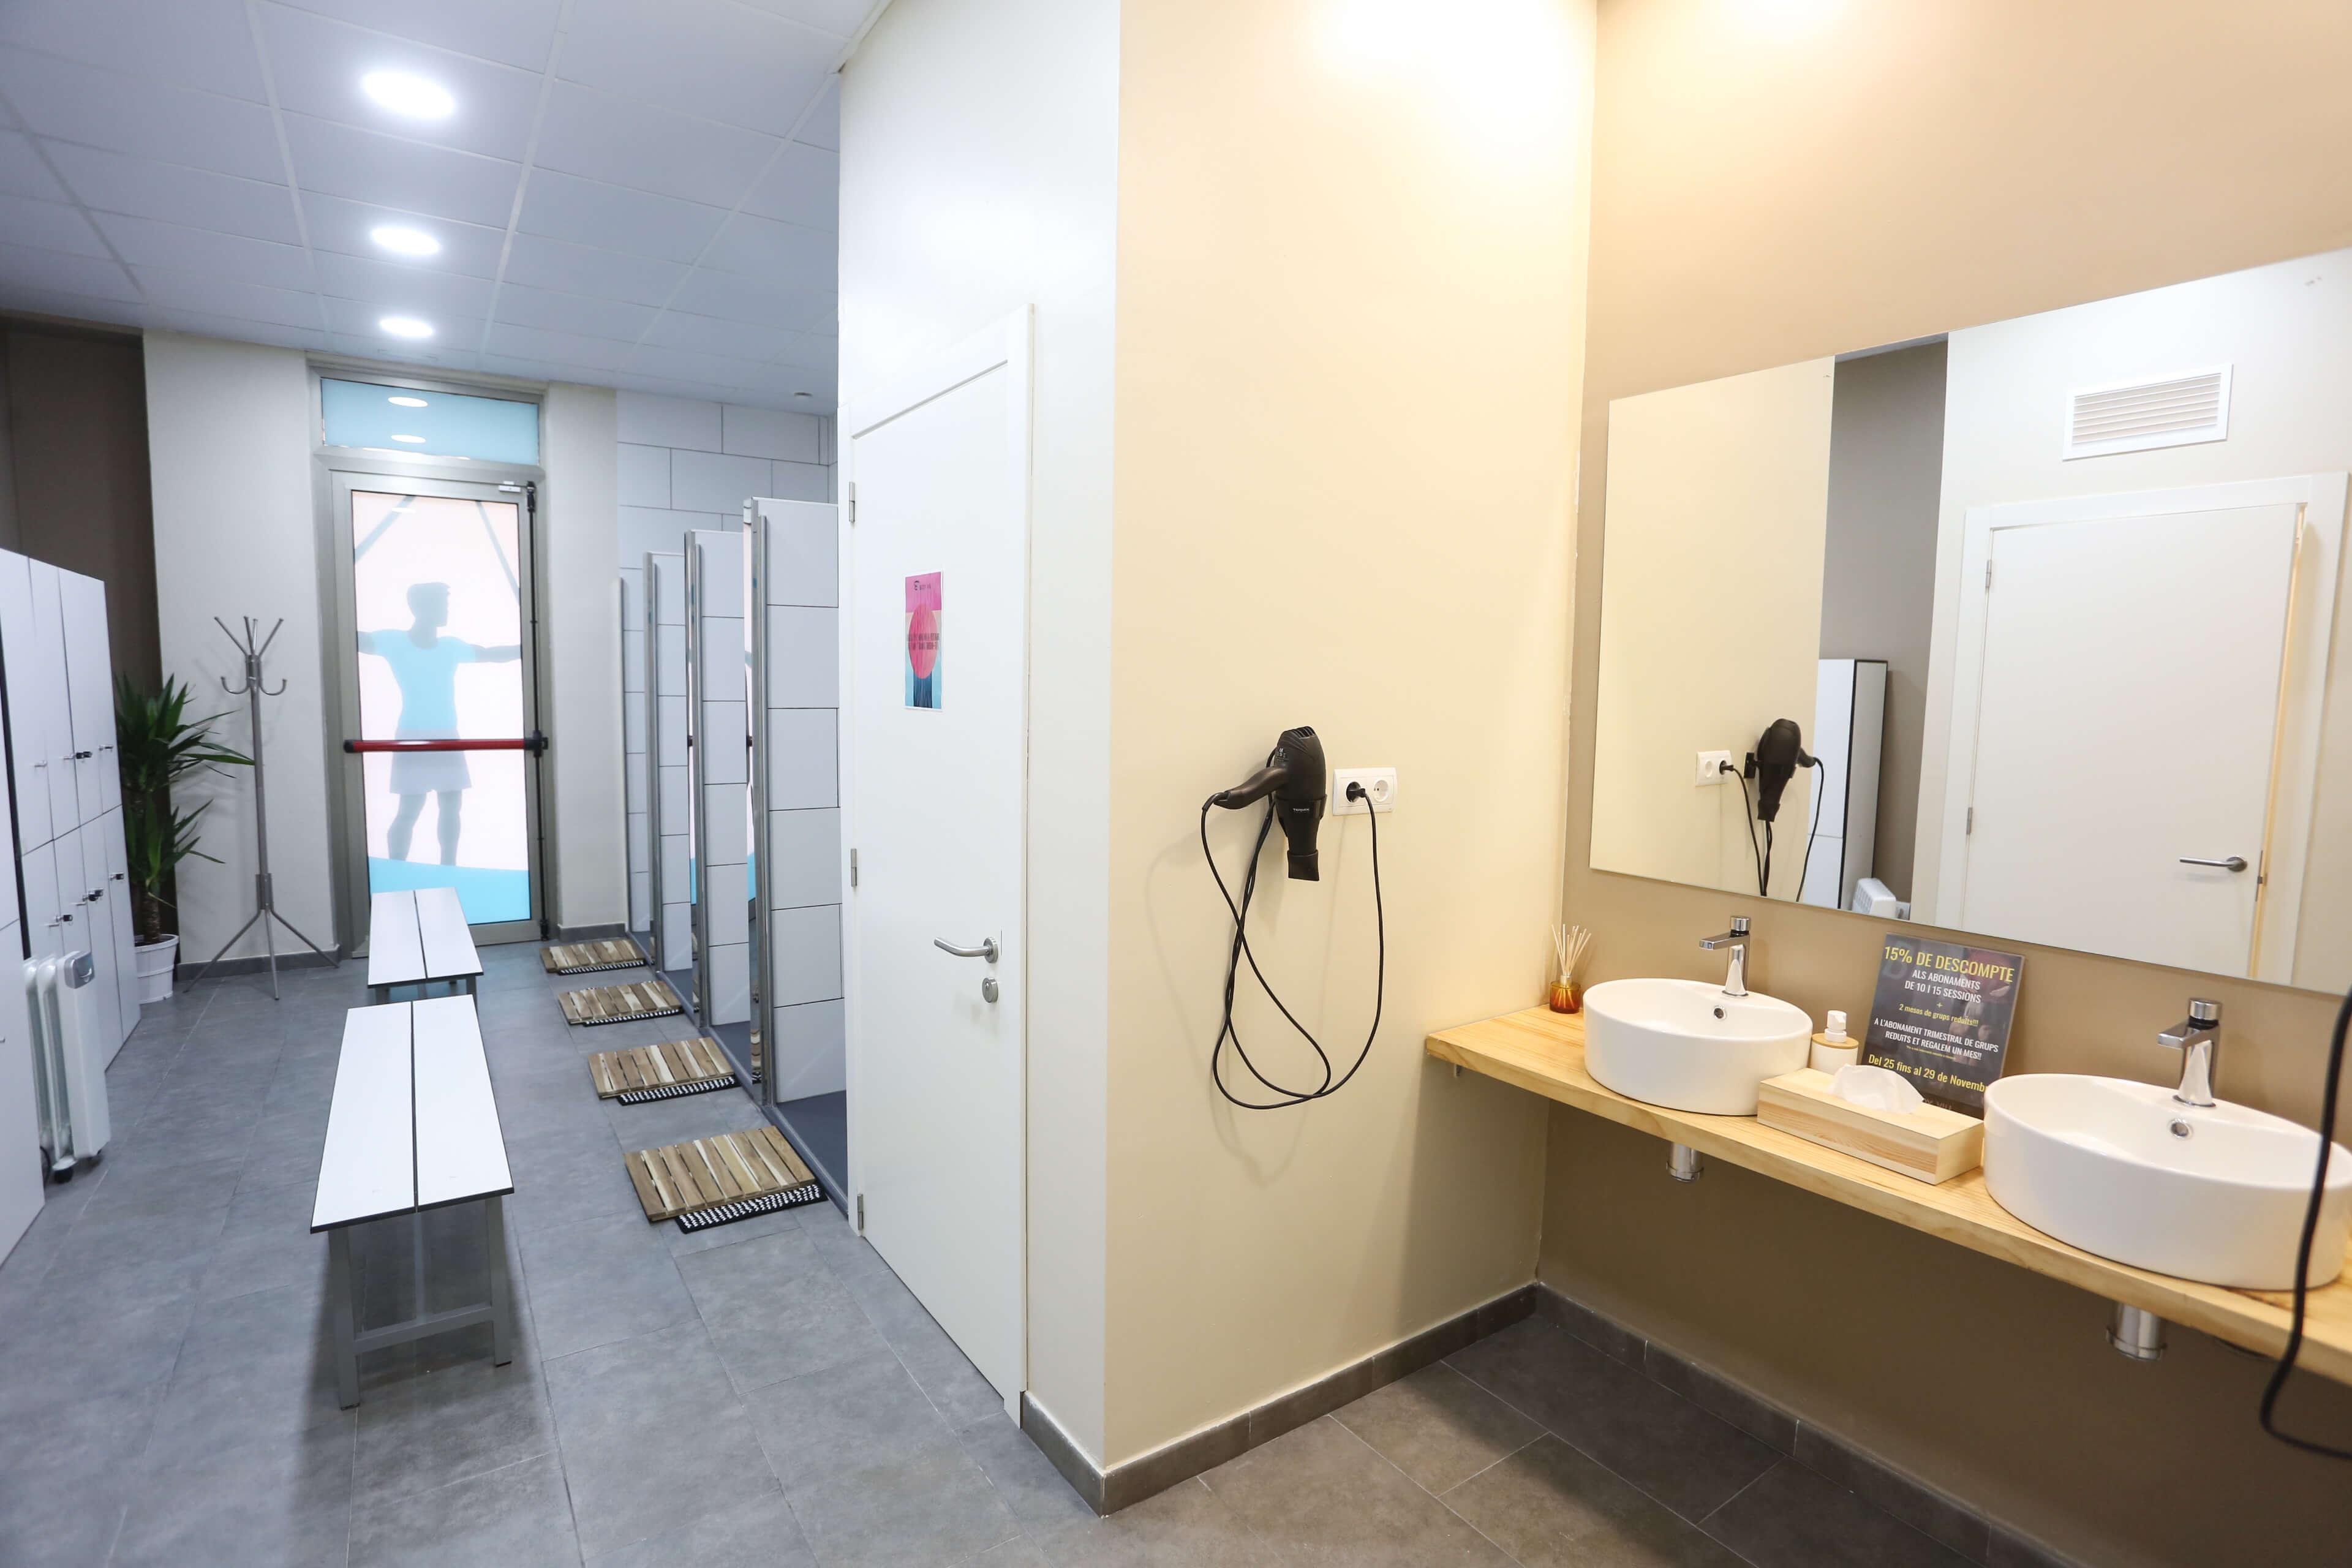 Detall dels vestidors que podràs trobar a les nostres instal·lacions